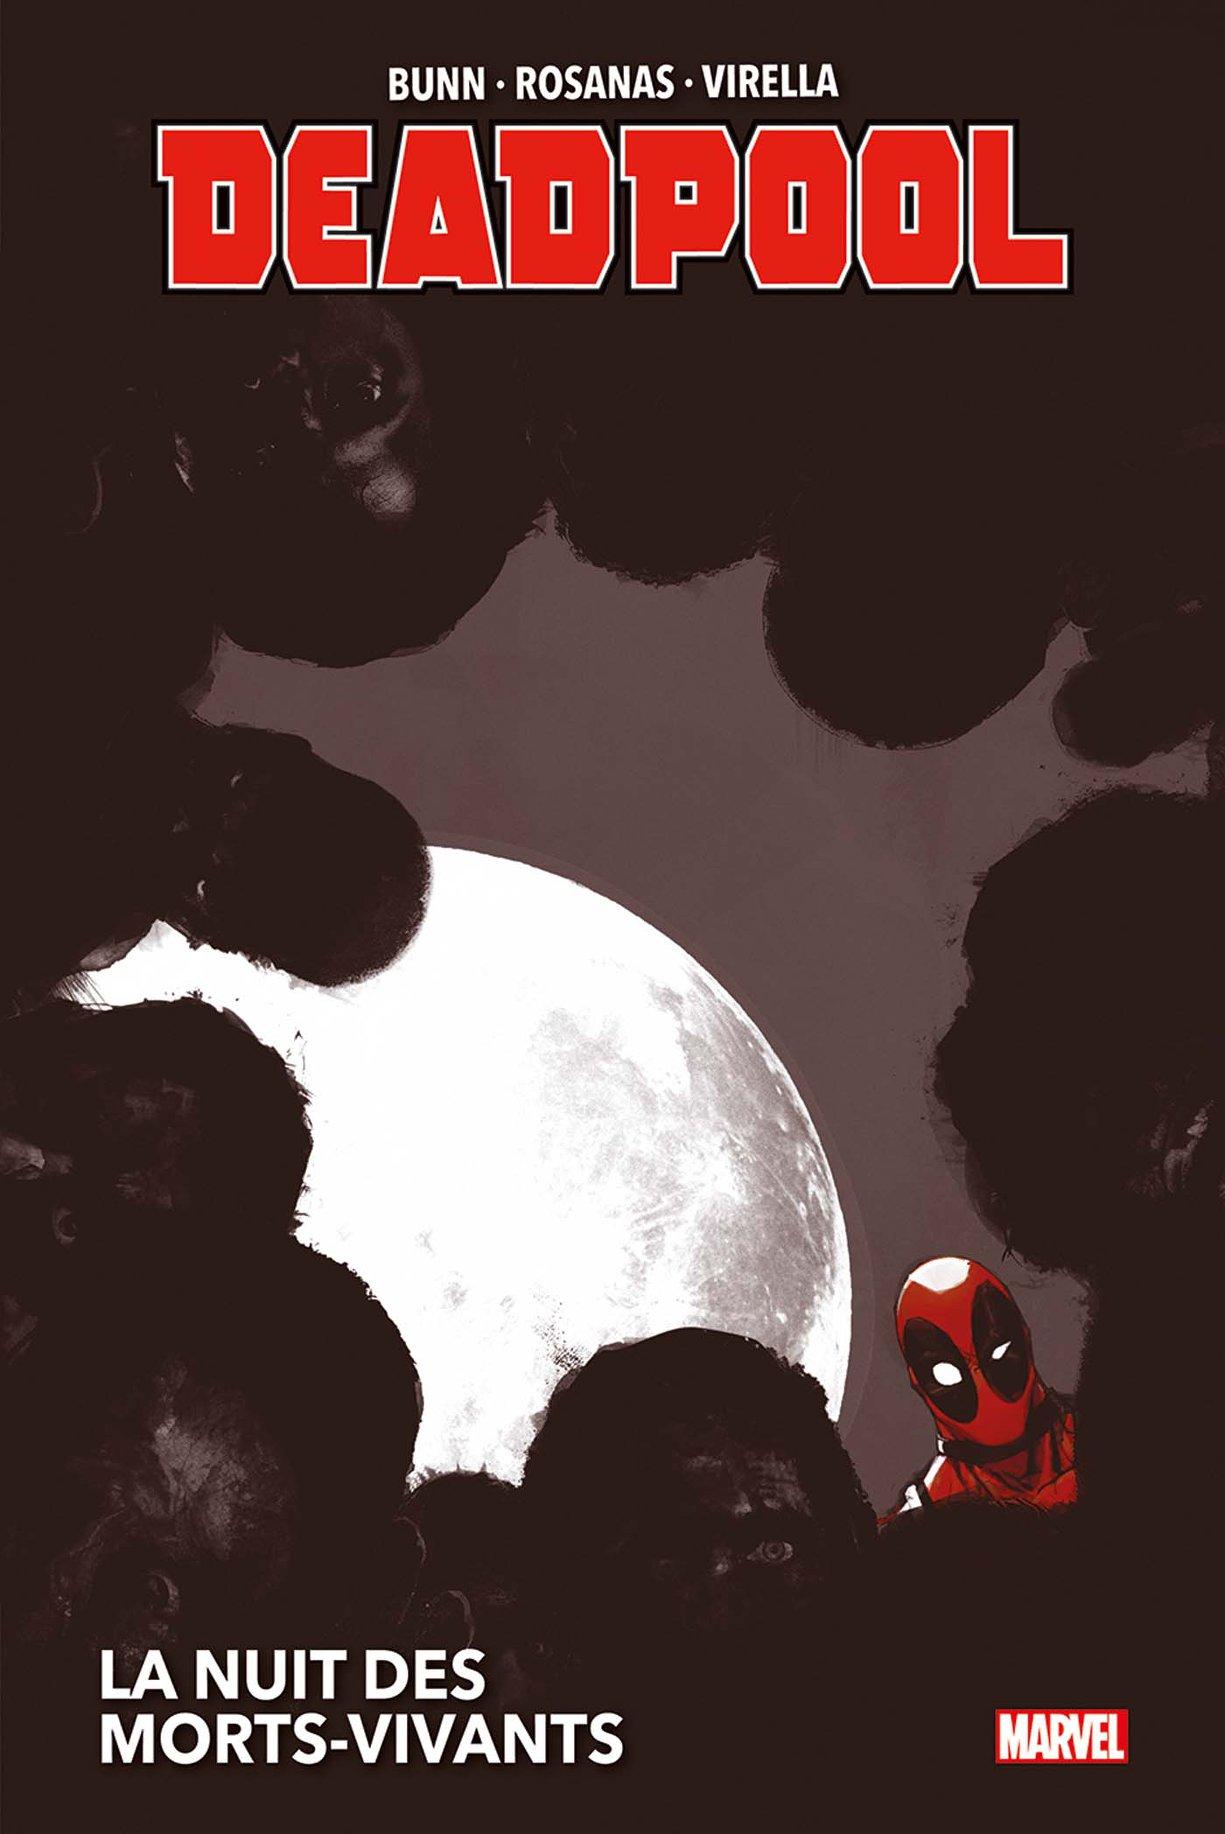 Deadpool La nuit des morts vivants